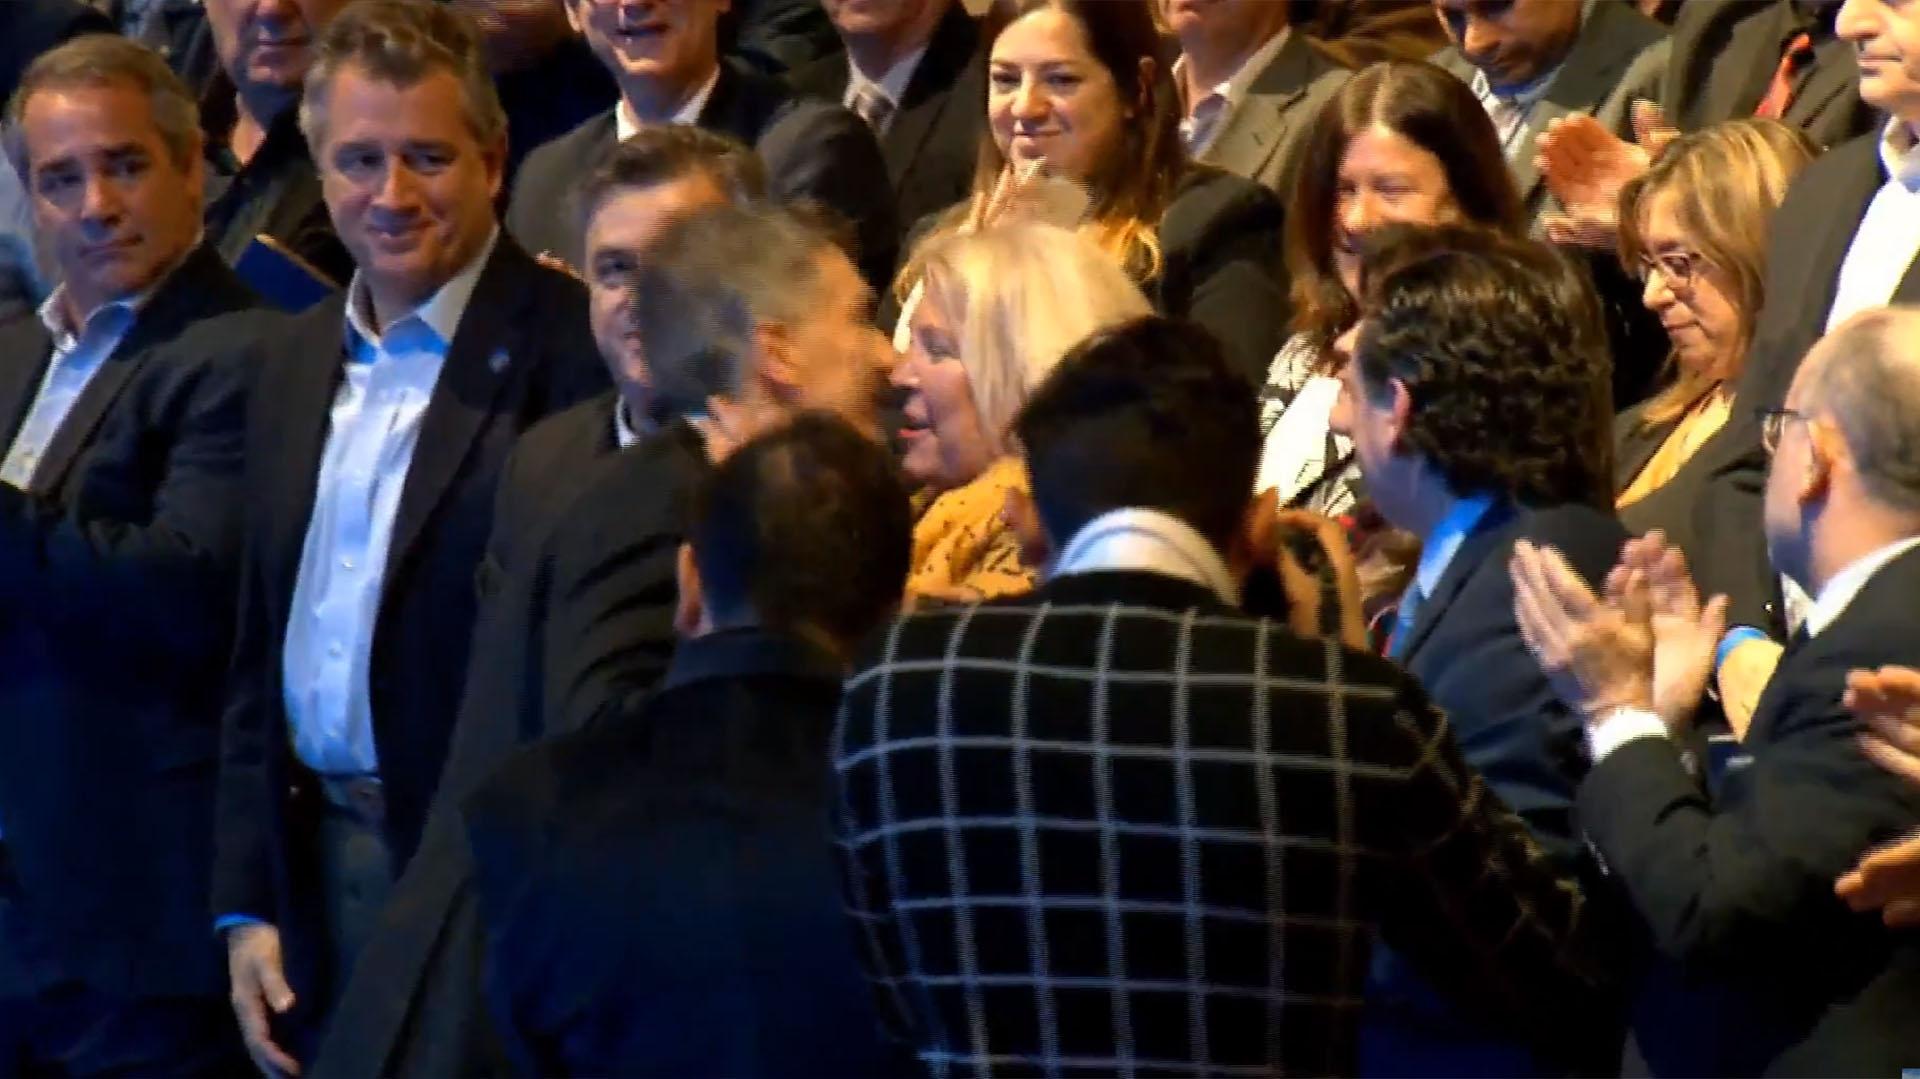 Para Urtubey, las últimas palabras desafiantes de Elisa Carrió terminaron afectando al presidente Mauricio Macri